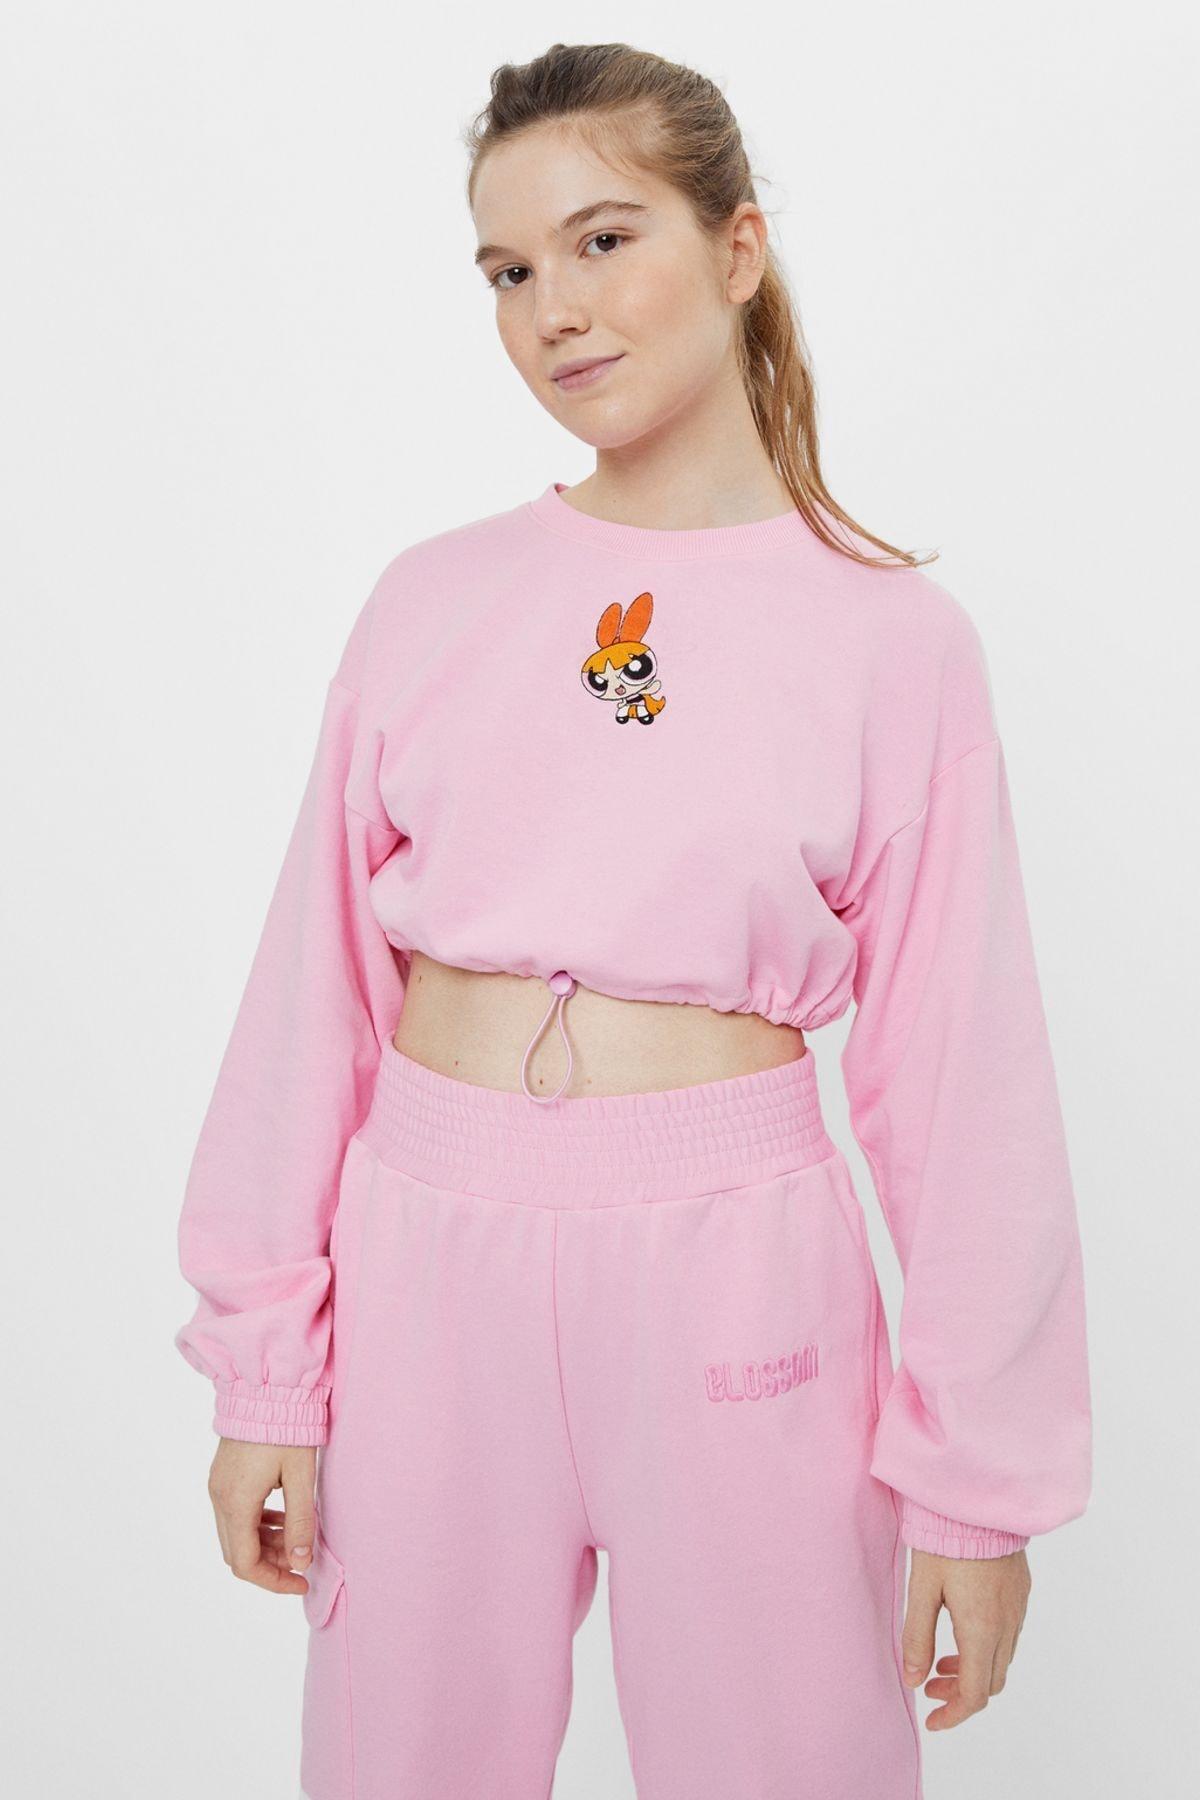 Bershka Kadın Pembe Powerpuff Girls Baskılı Crop Fit Sweatshirt 1